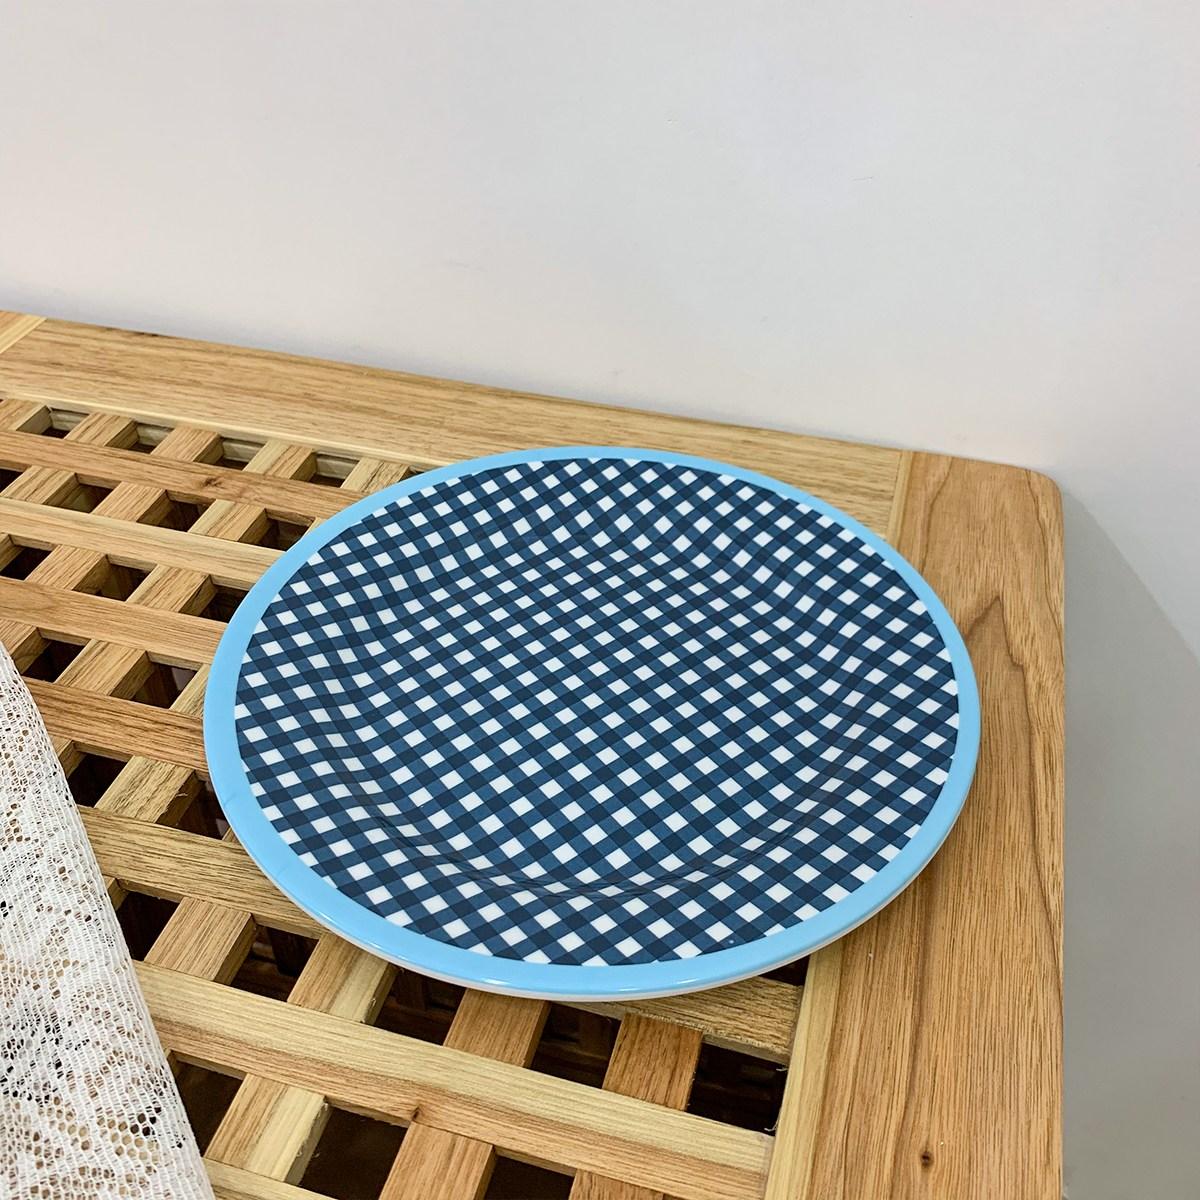 멜라민 체크 플레이트 볼 6종 요거트 보울 홈까페 빈티지 접시 안깨지는 감성 캠핑 그릇, 진한 파란색 격자판